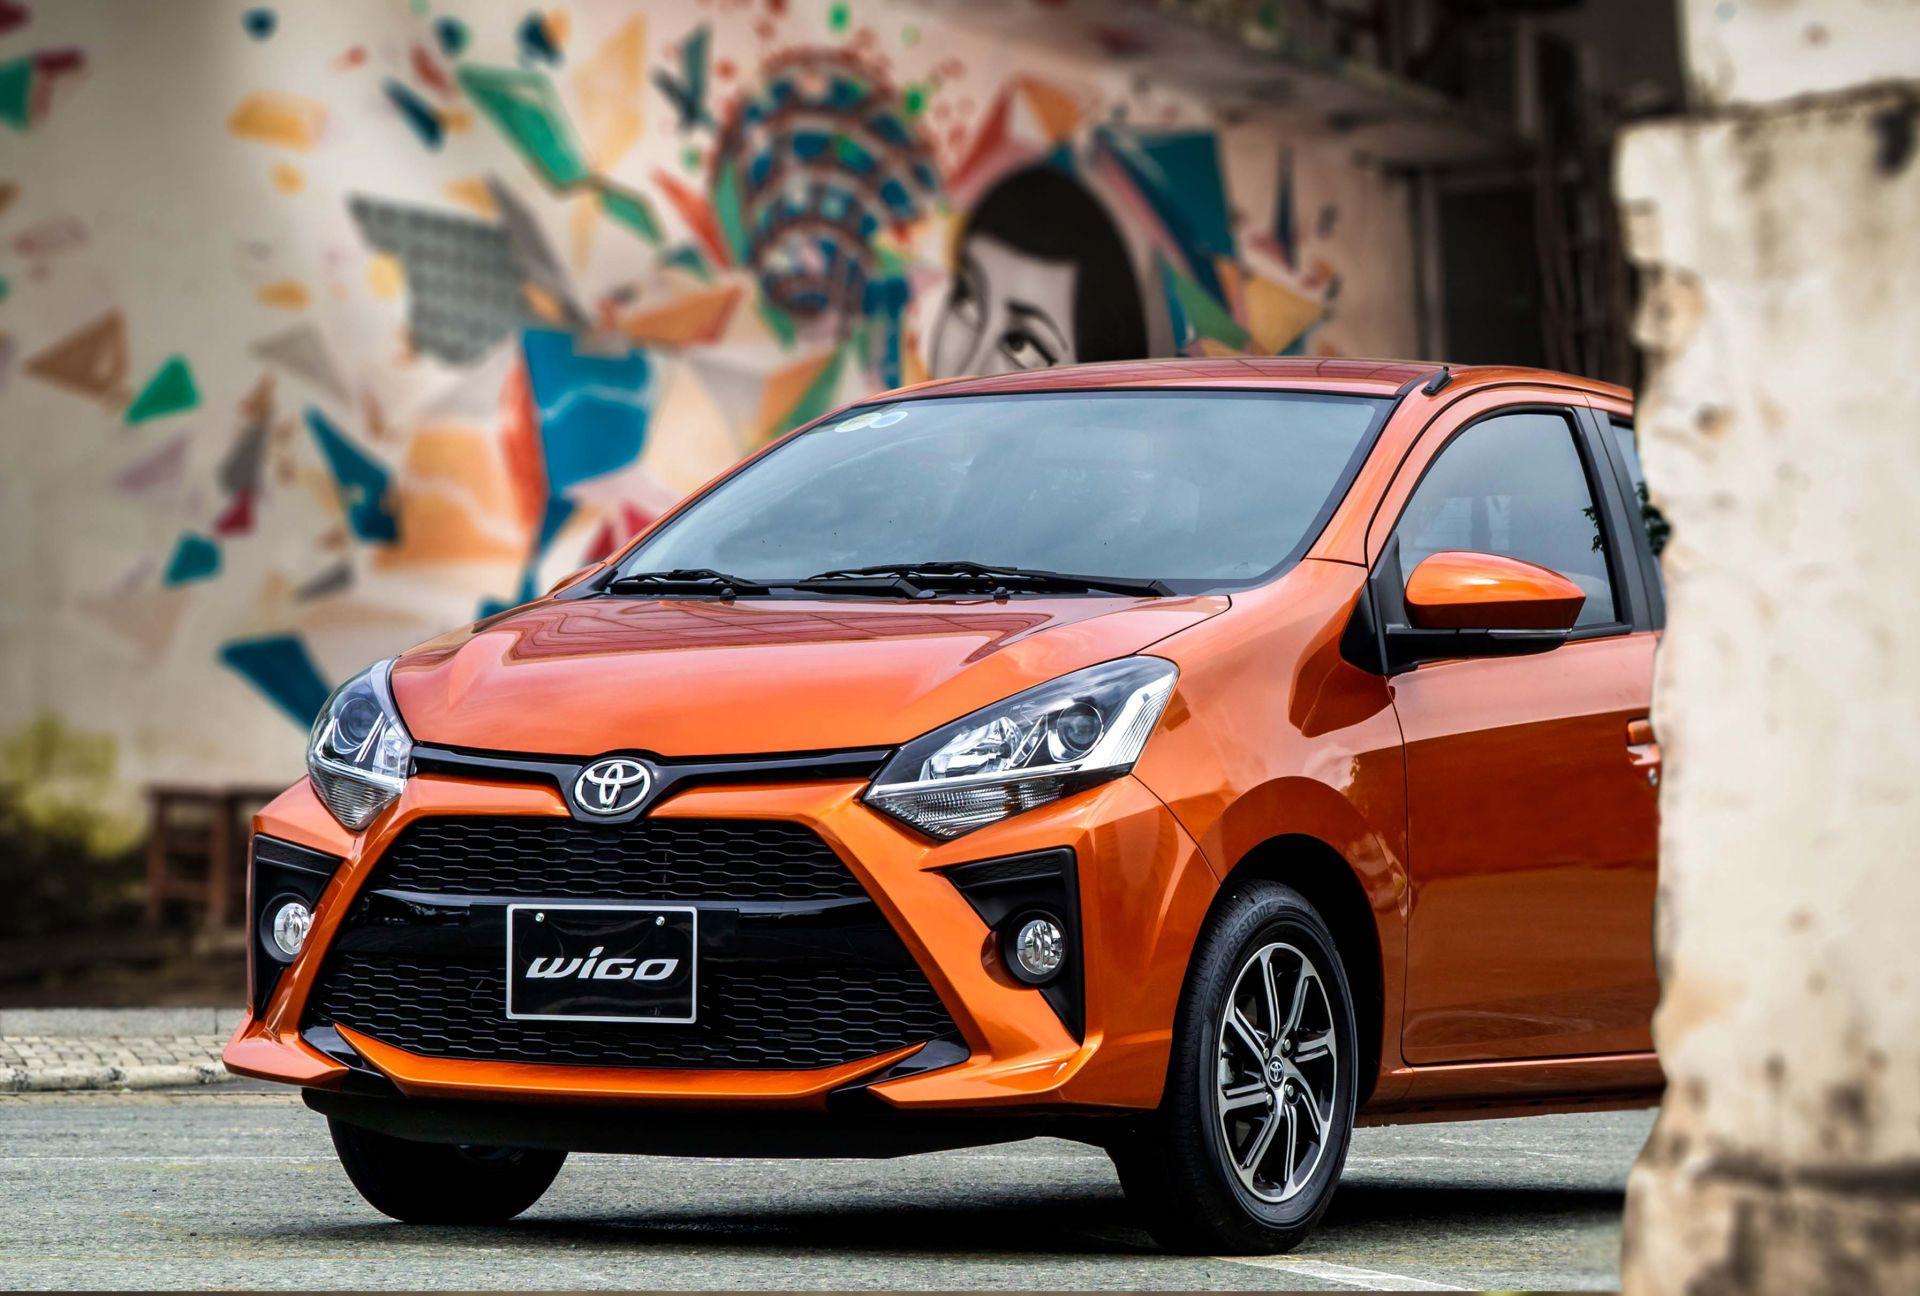 Trang bị an toàn là điểm mạnh của Toyota Wigo